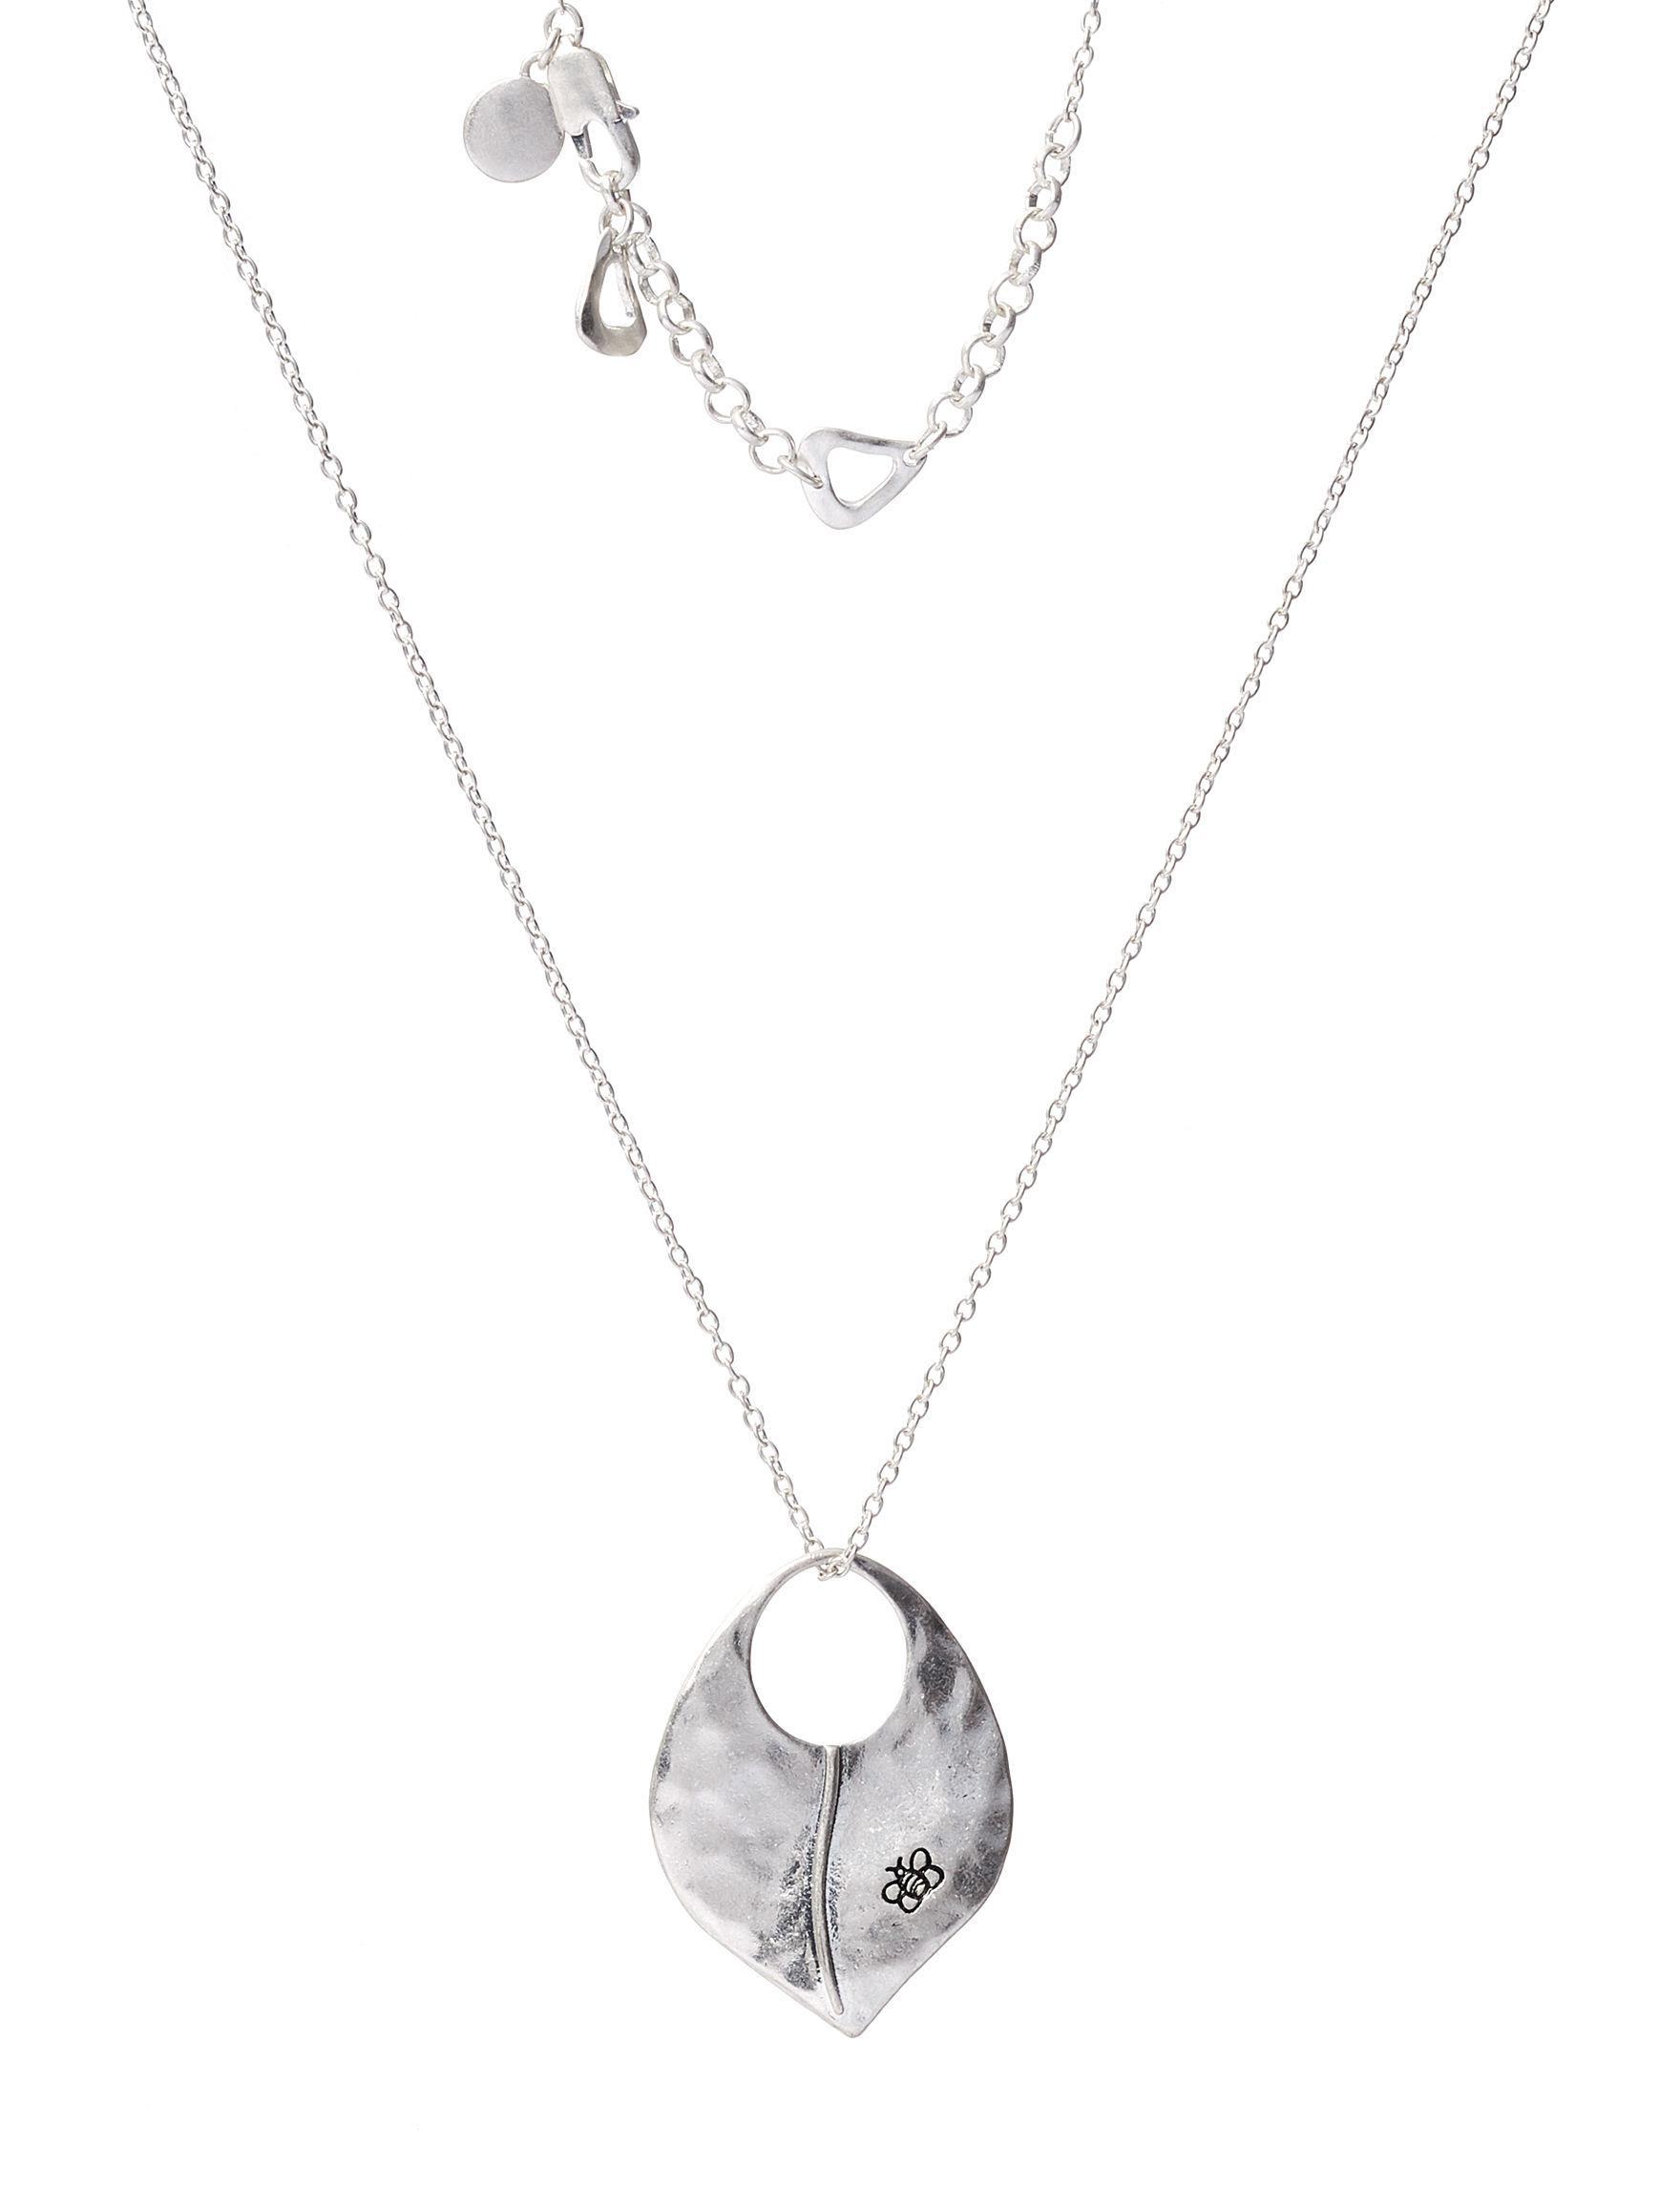 Bella Uno Silver Necklaces & Pendants Fashion Jewelry